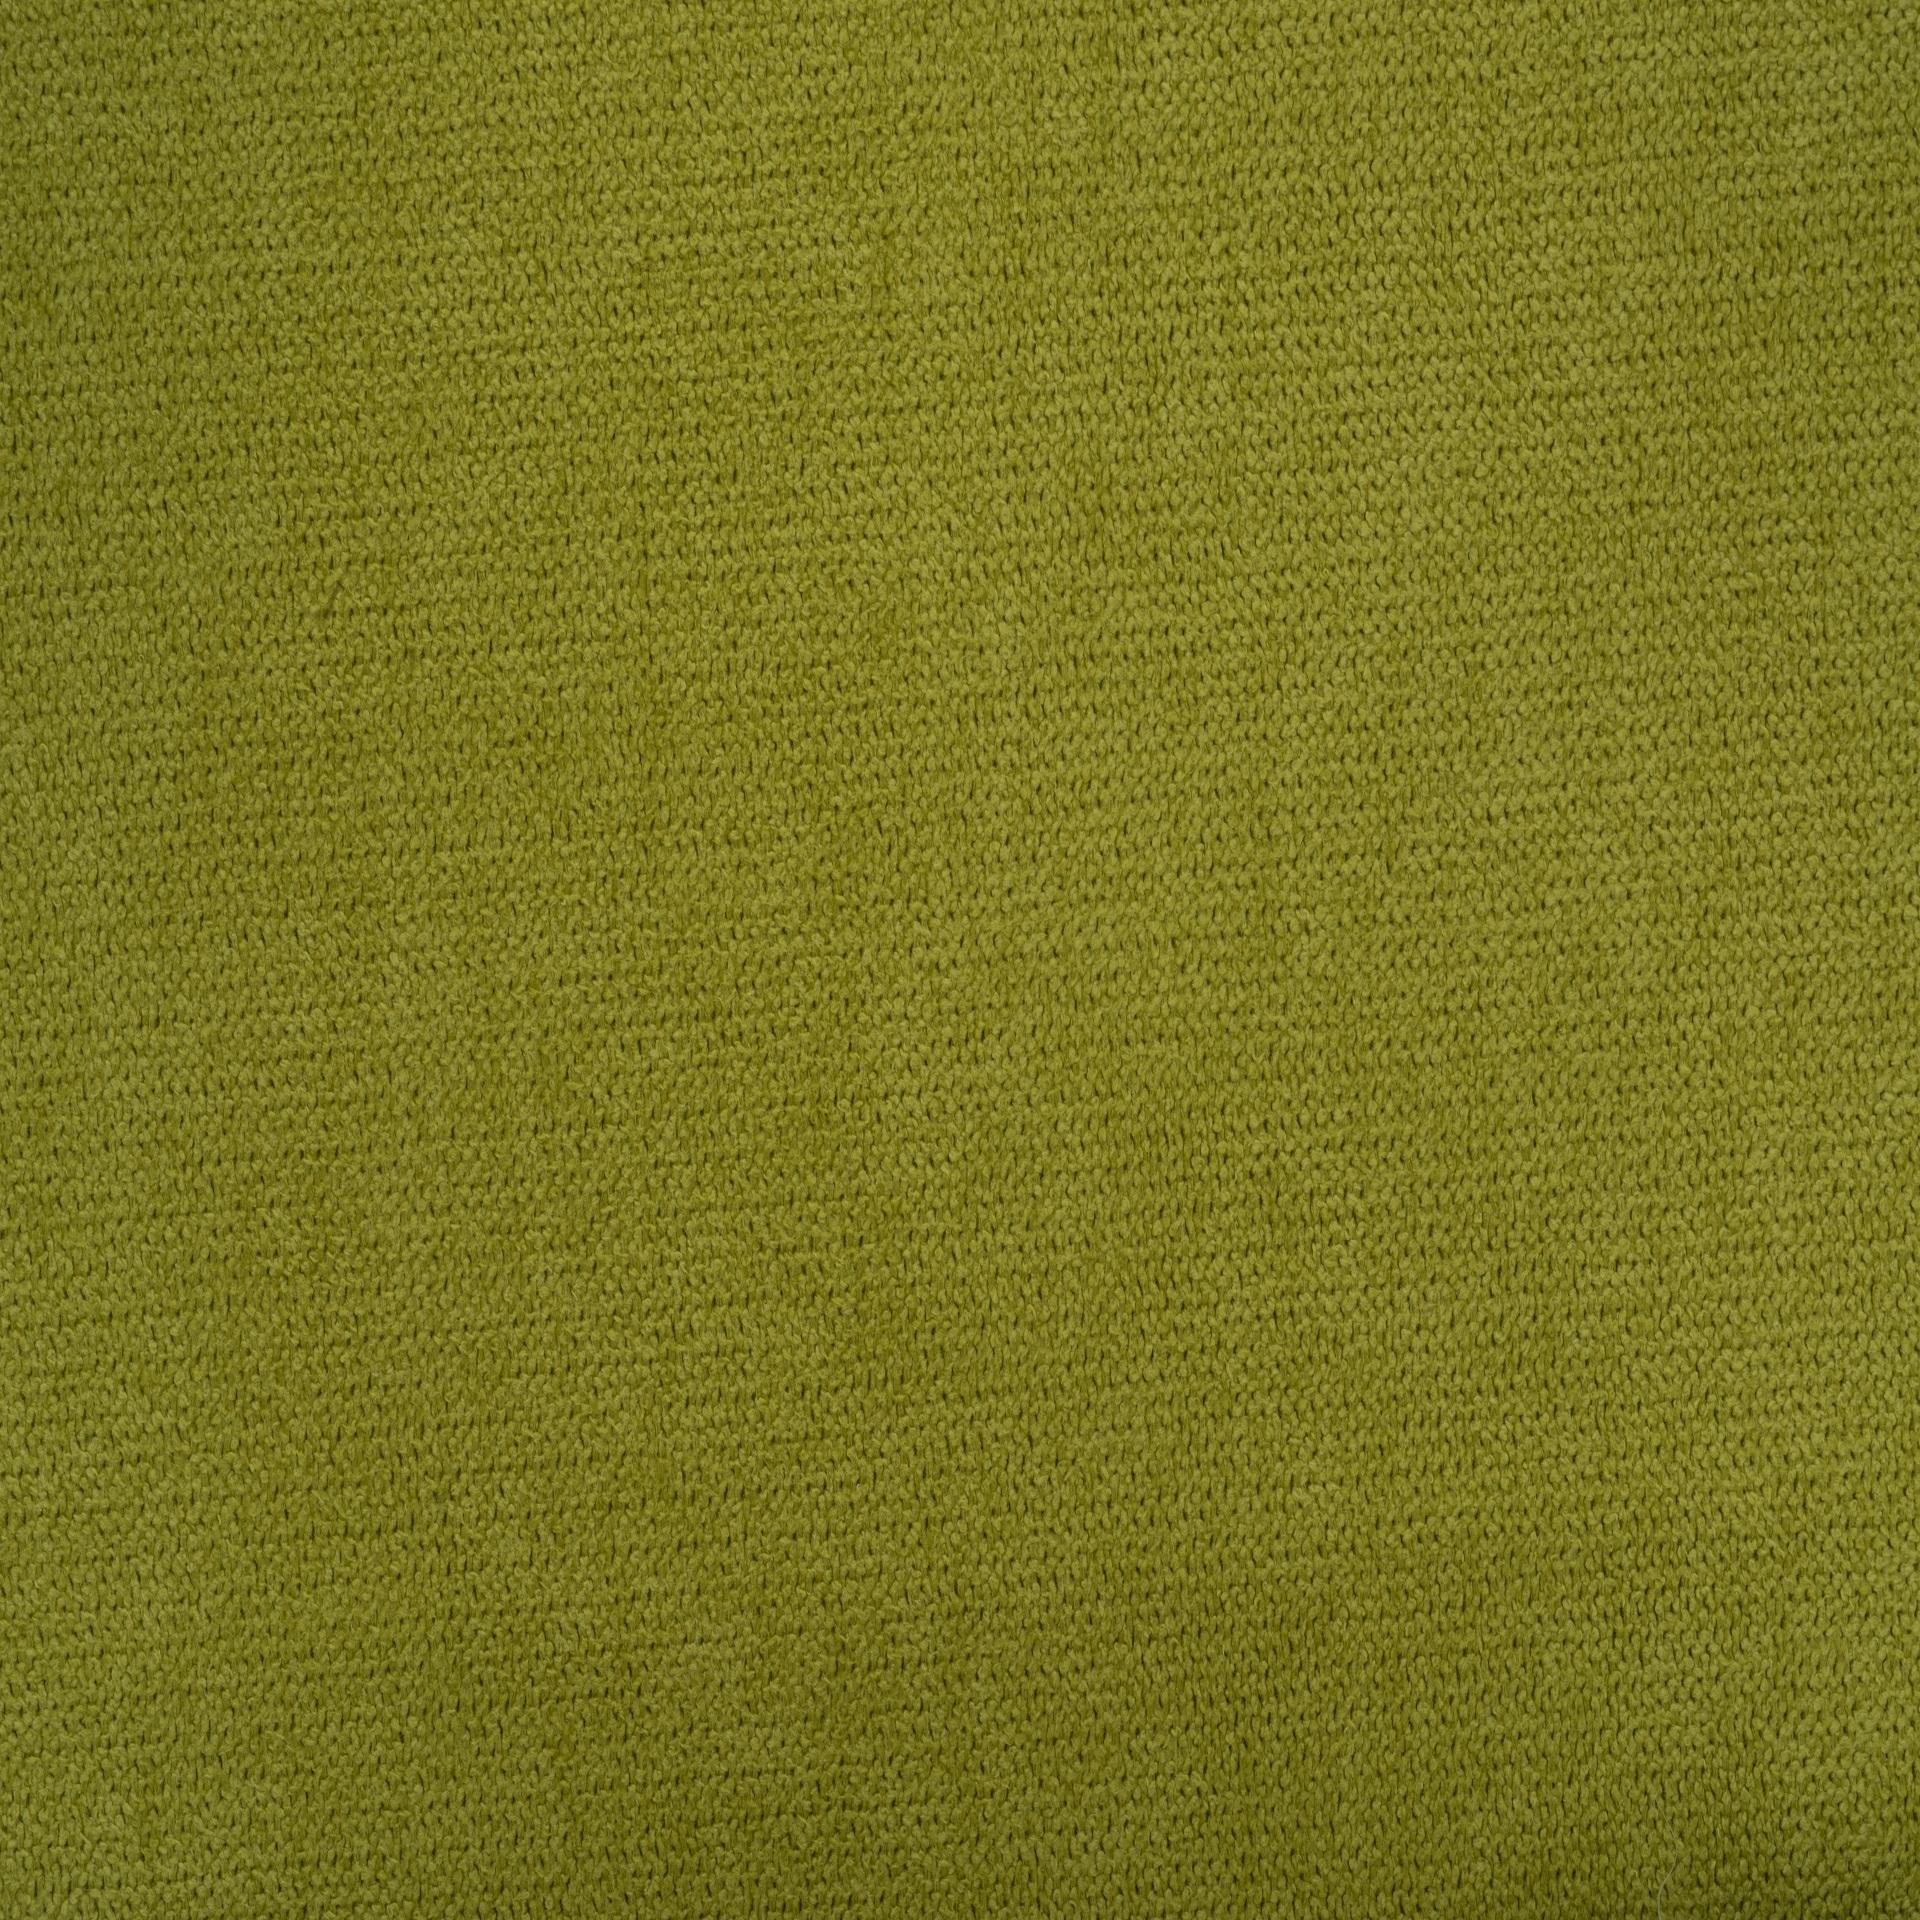 Коллекция ткани Аляска 35,  купить ткань Жаккард для мебели Украина